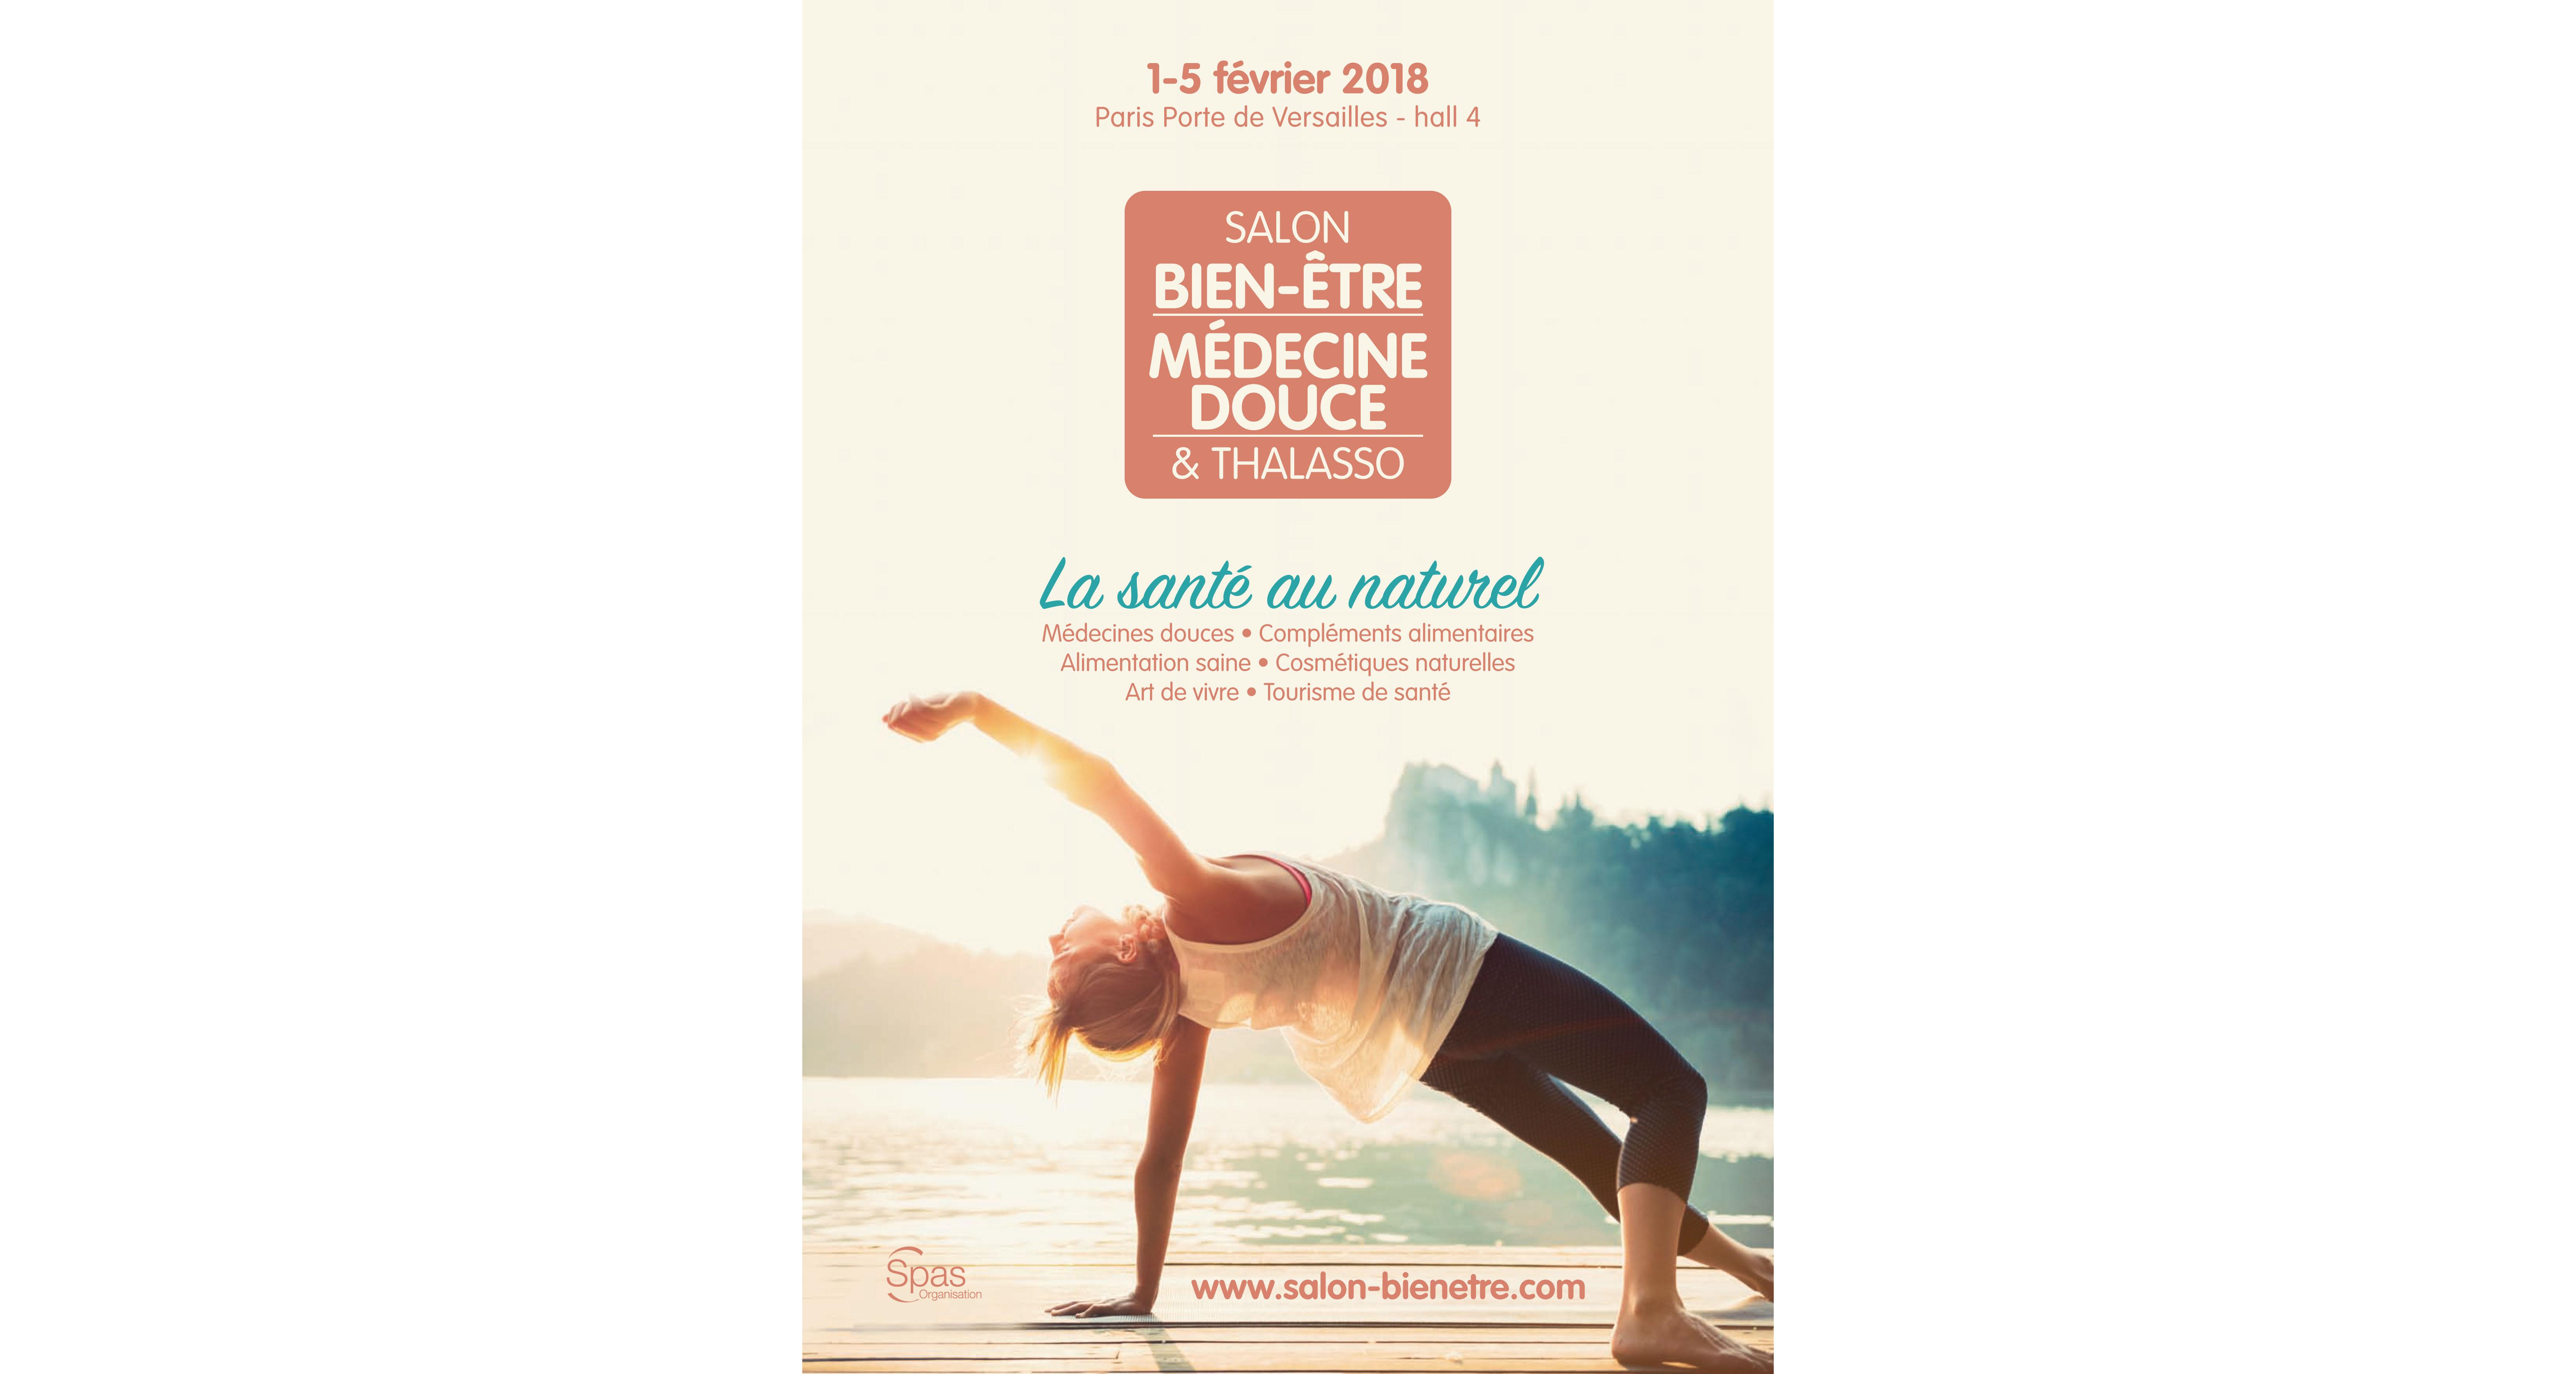 Bienetre-medecinedouce_2018_A4.indd